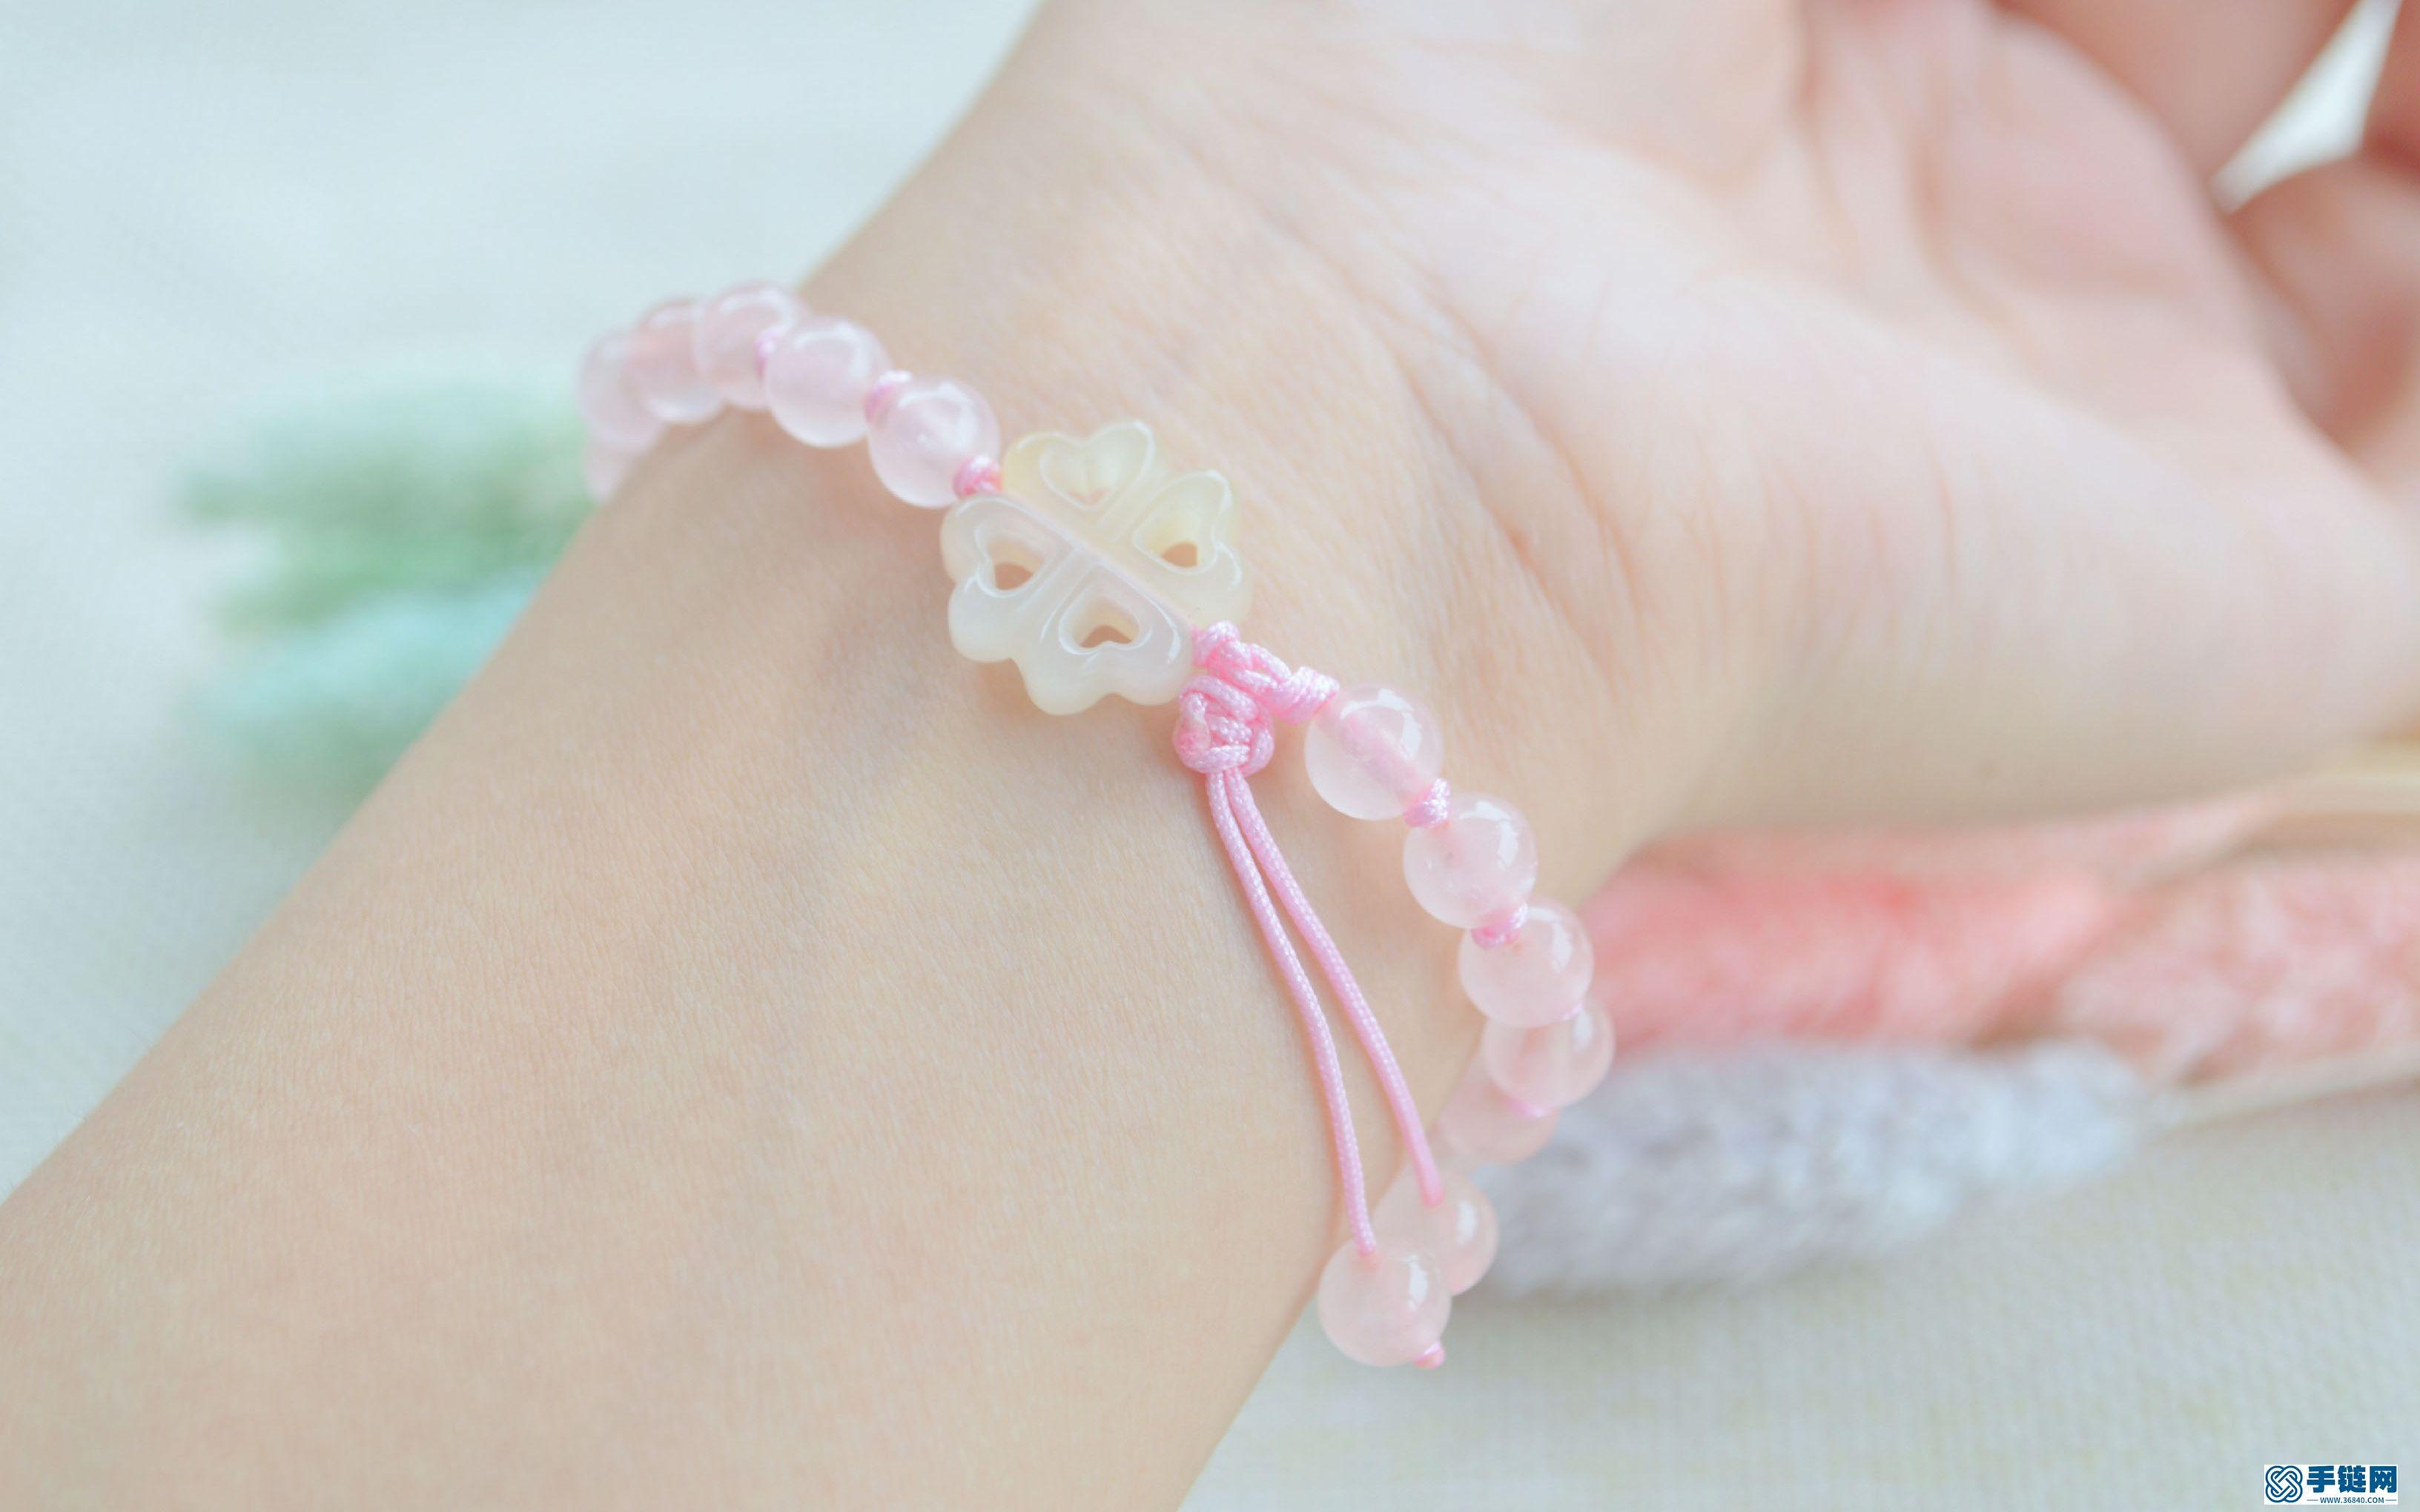 最近很火的珍珠结,搭配粉水晶,做出古风手链的感觉